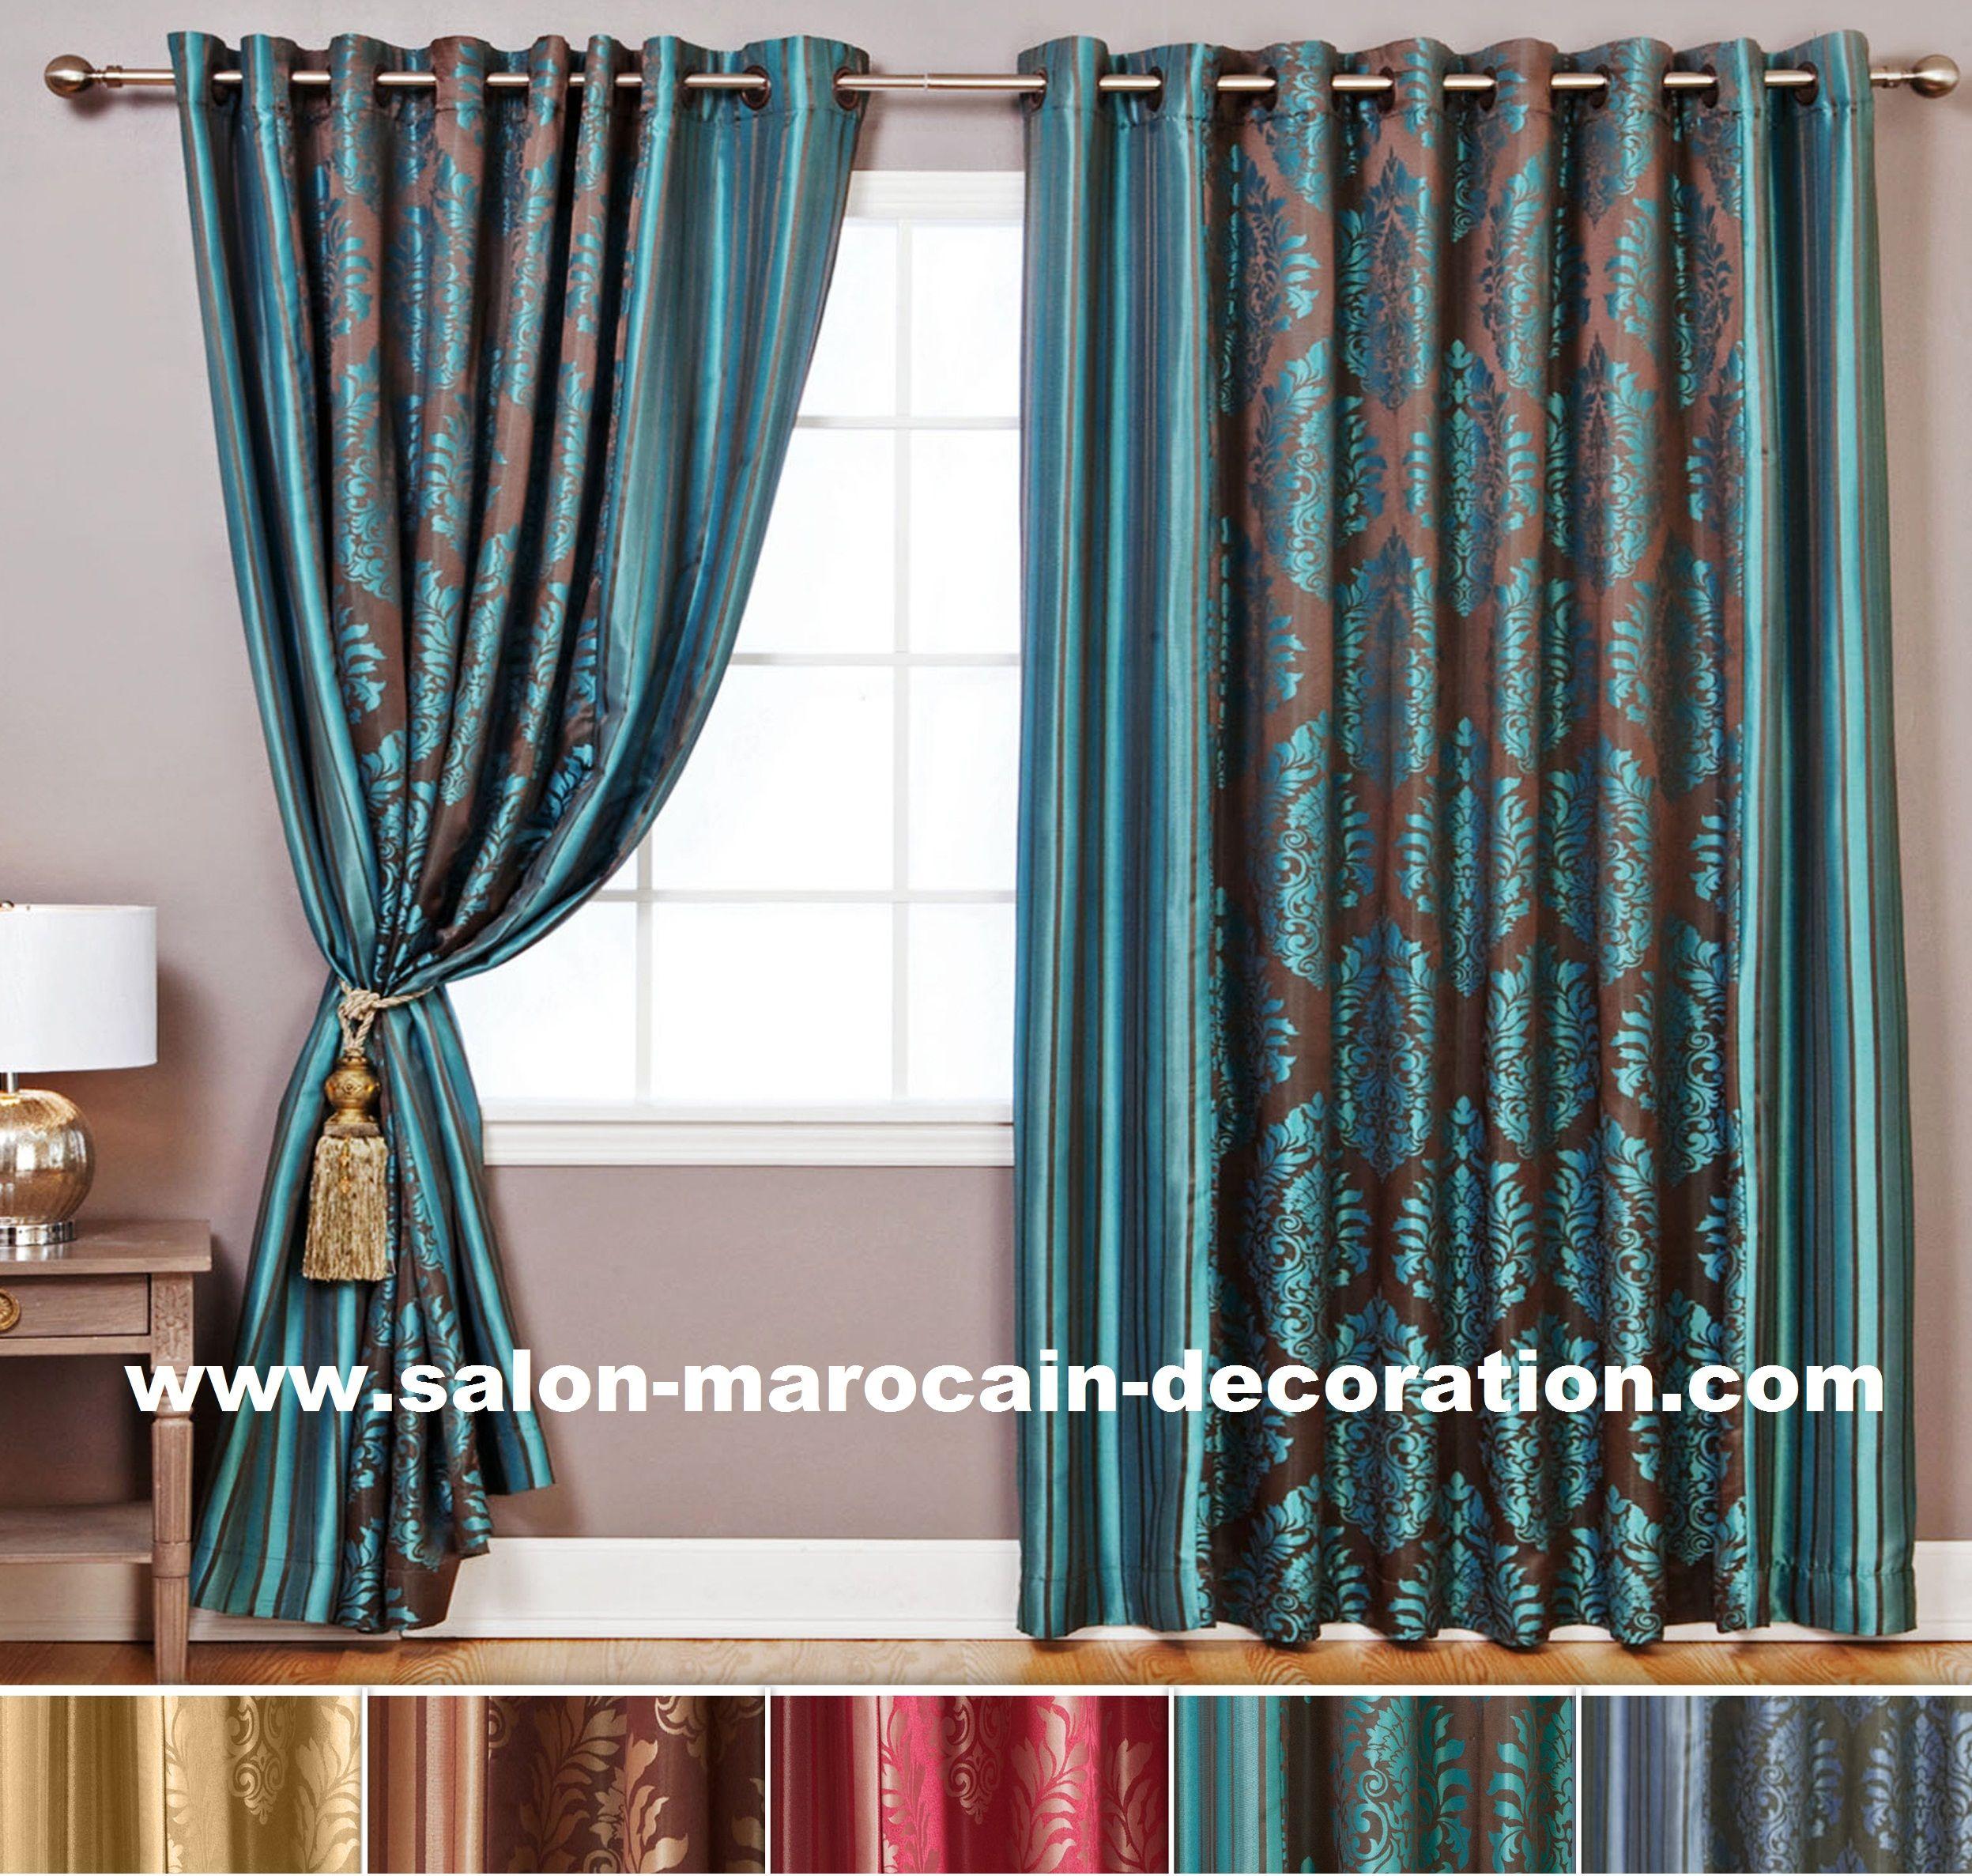 rideaux pour salon marocain moderne ou traditionnel rideau pinterest rideaux pour salon. Black Bedroom Furniture Sets. Home Design Ideas